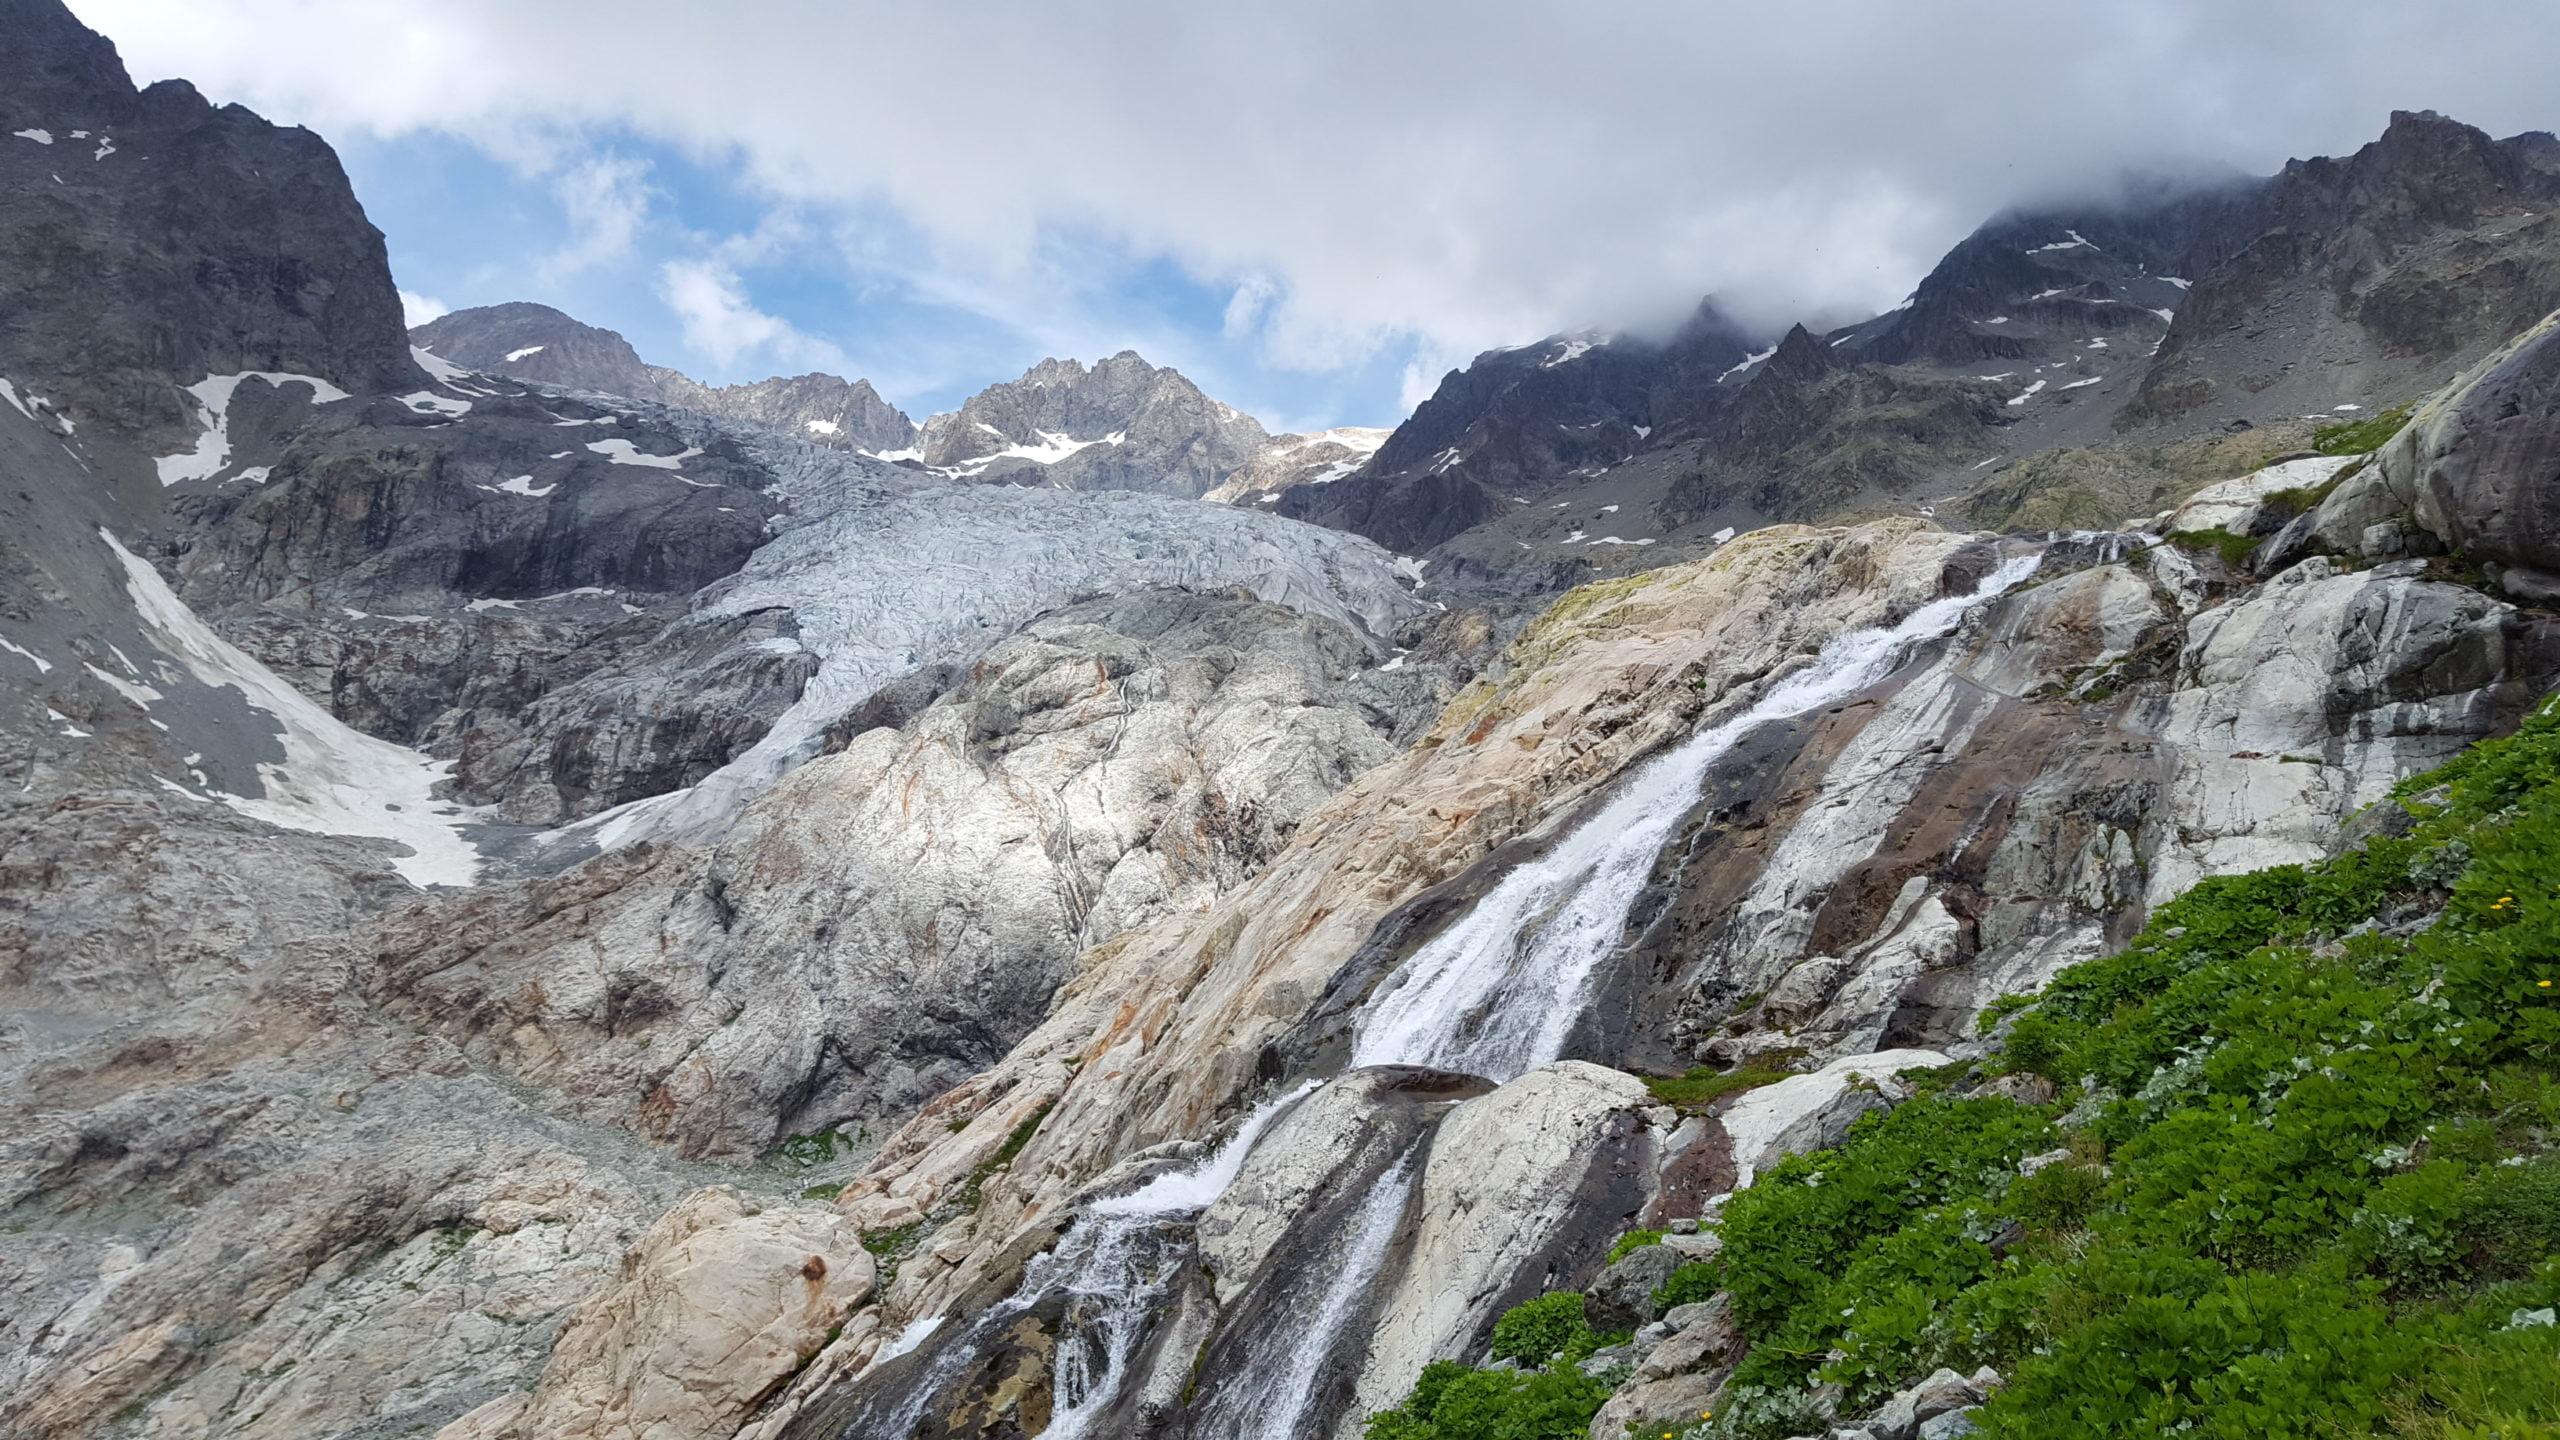 Randonnée Hautes Alpes - barre des écrins